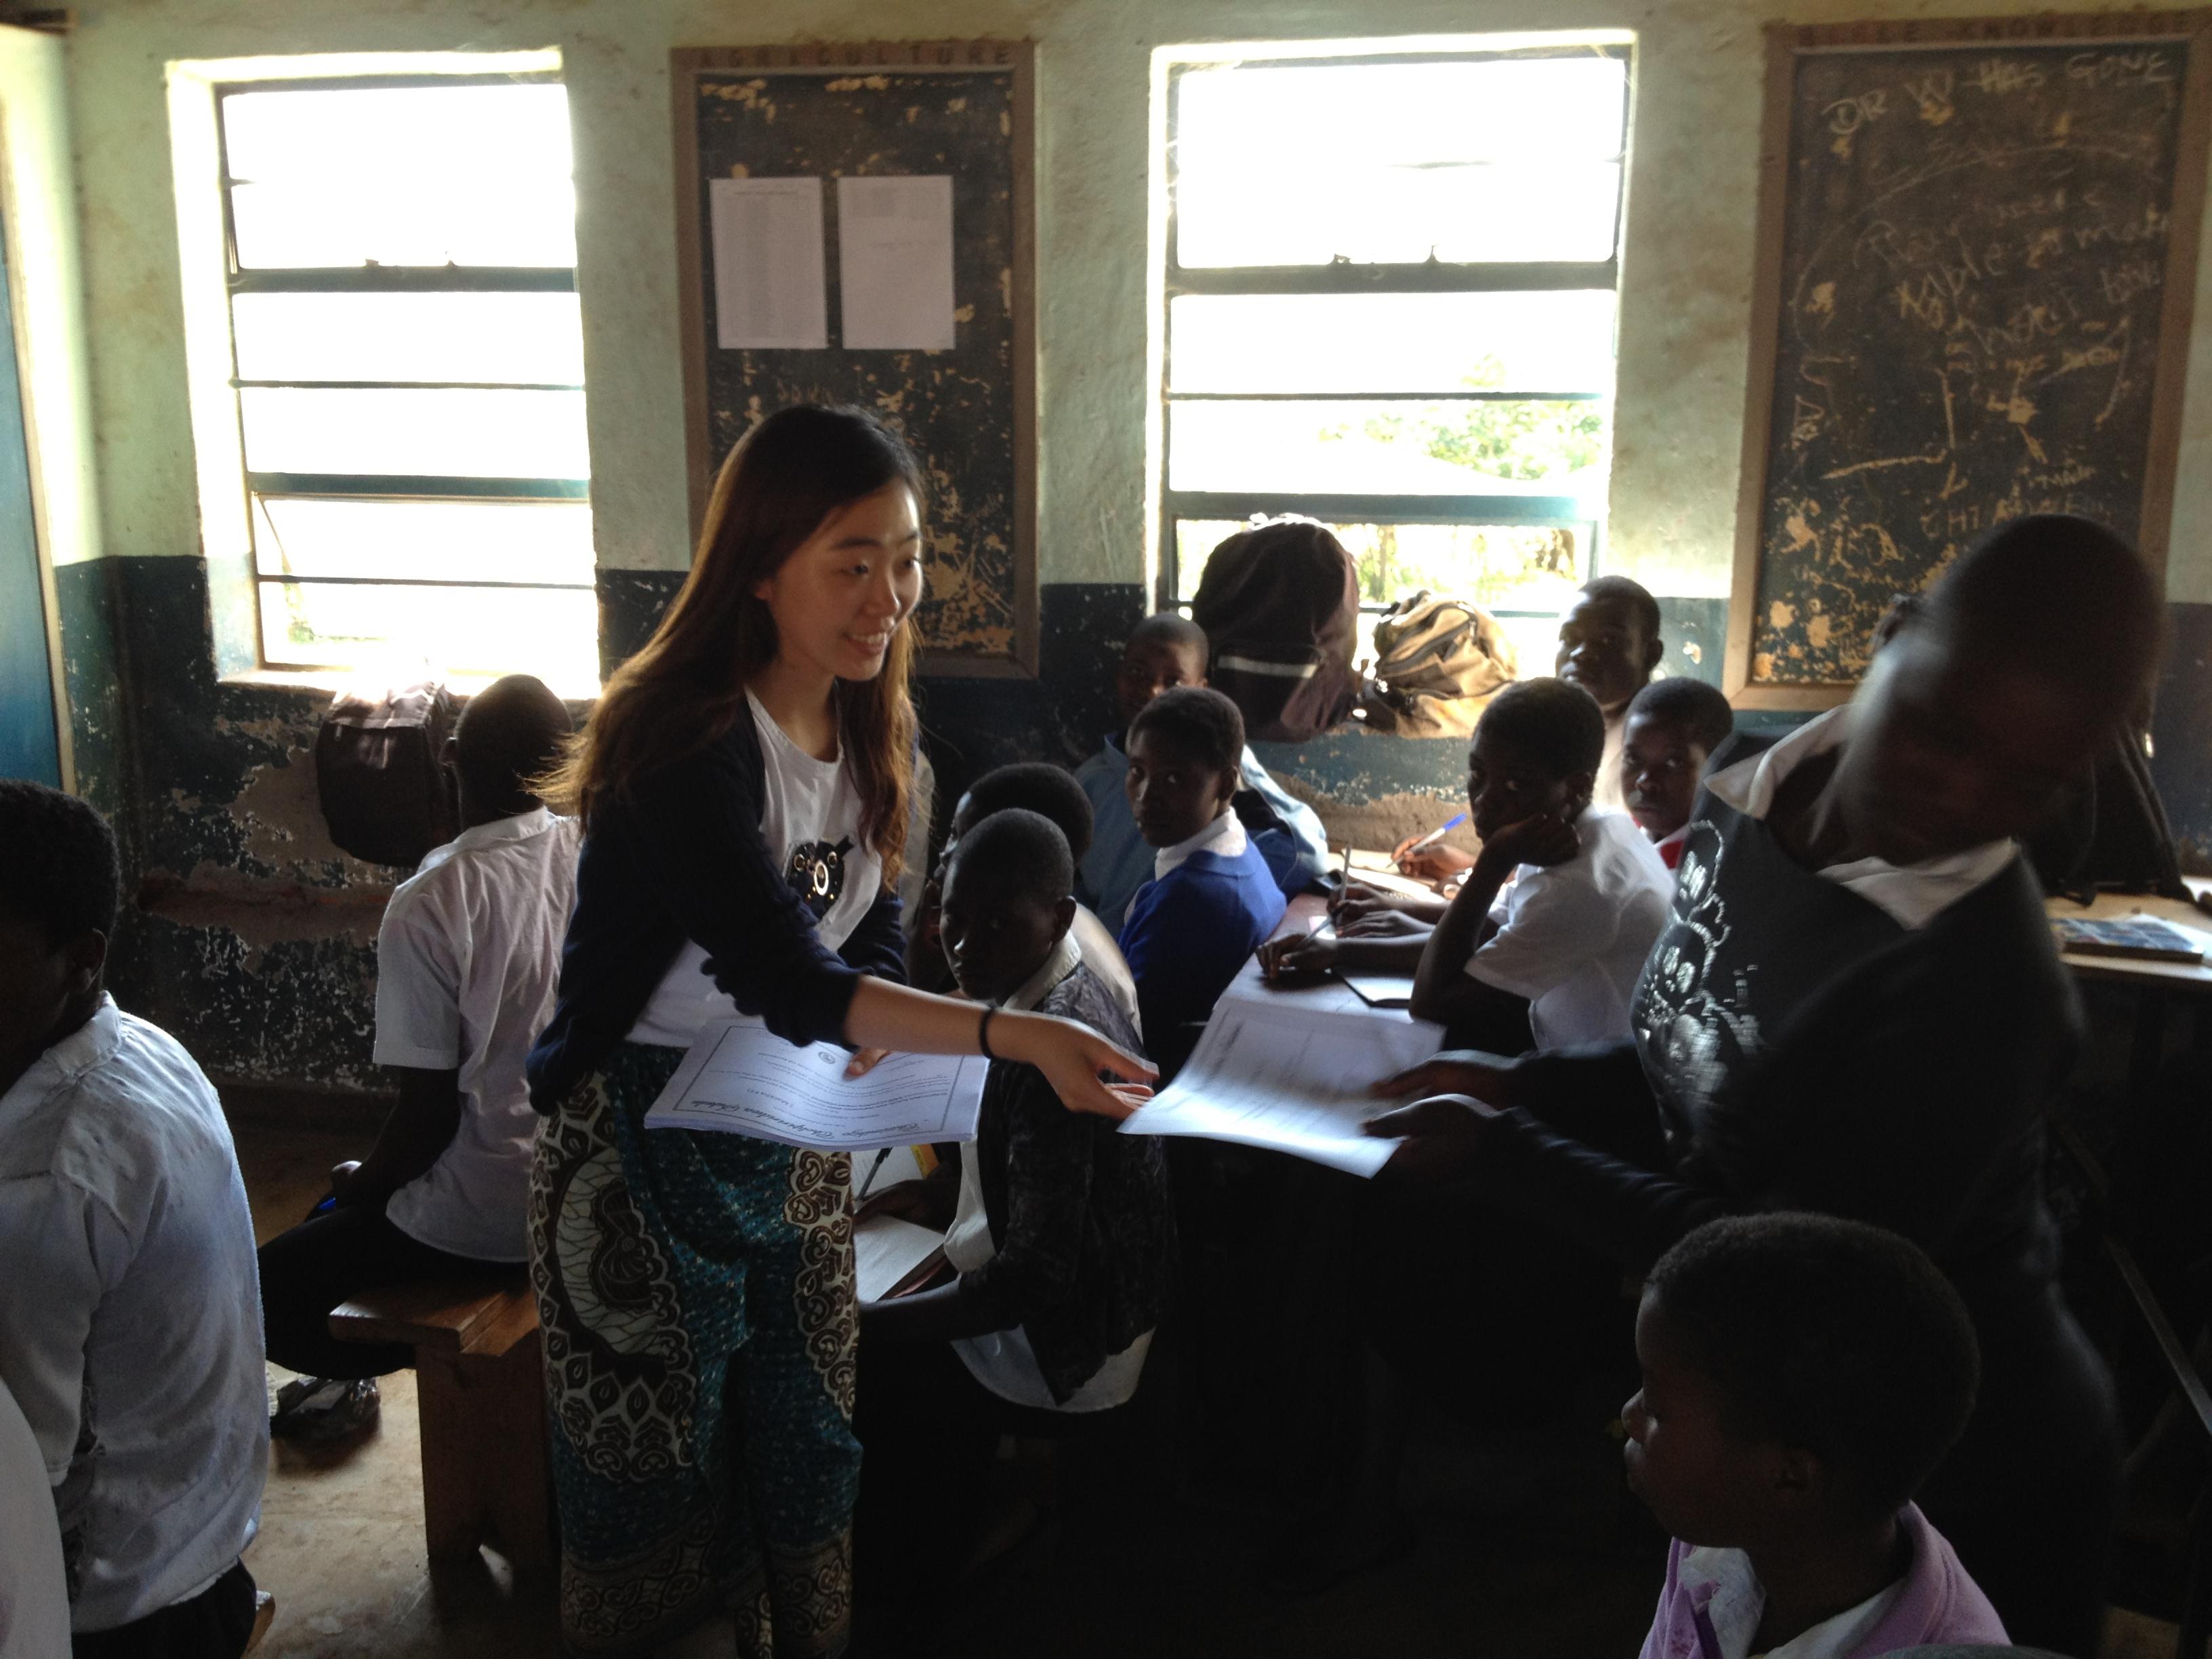 Chichewa 공부하기, Day 2